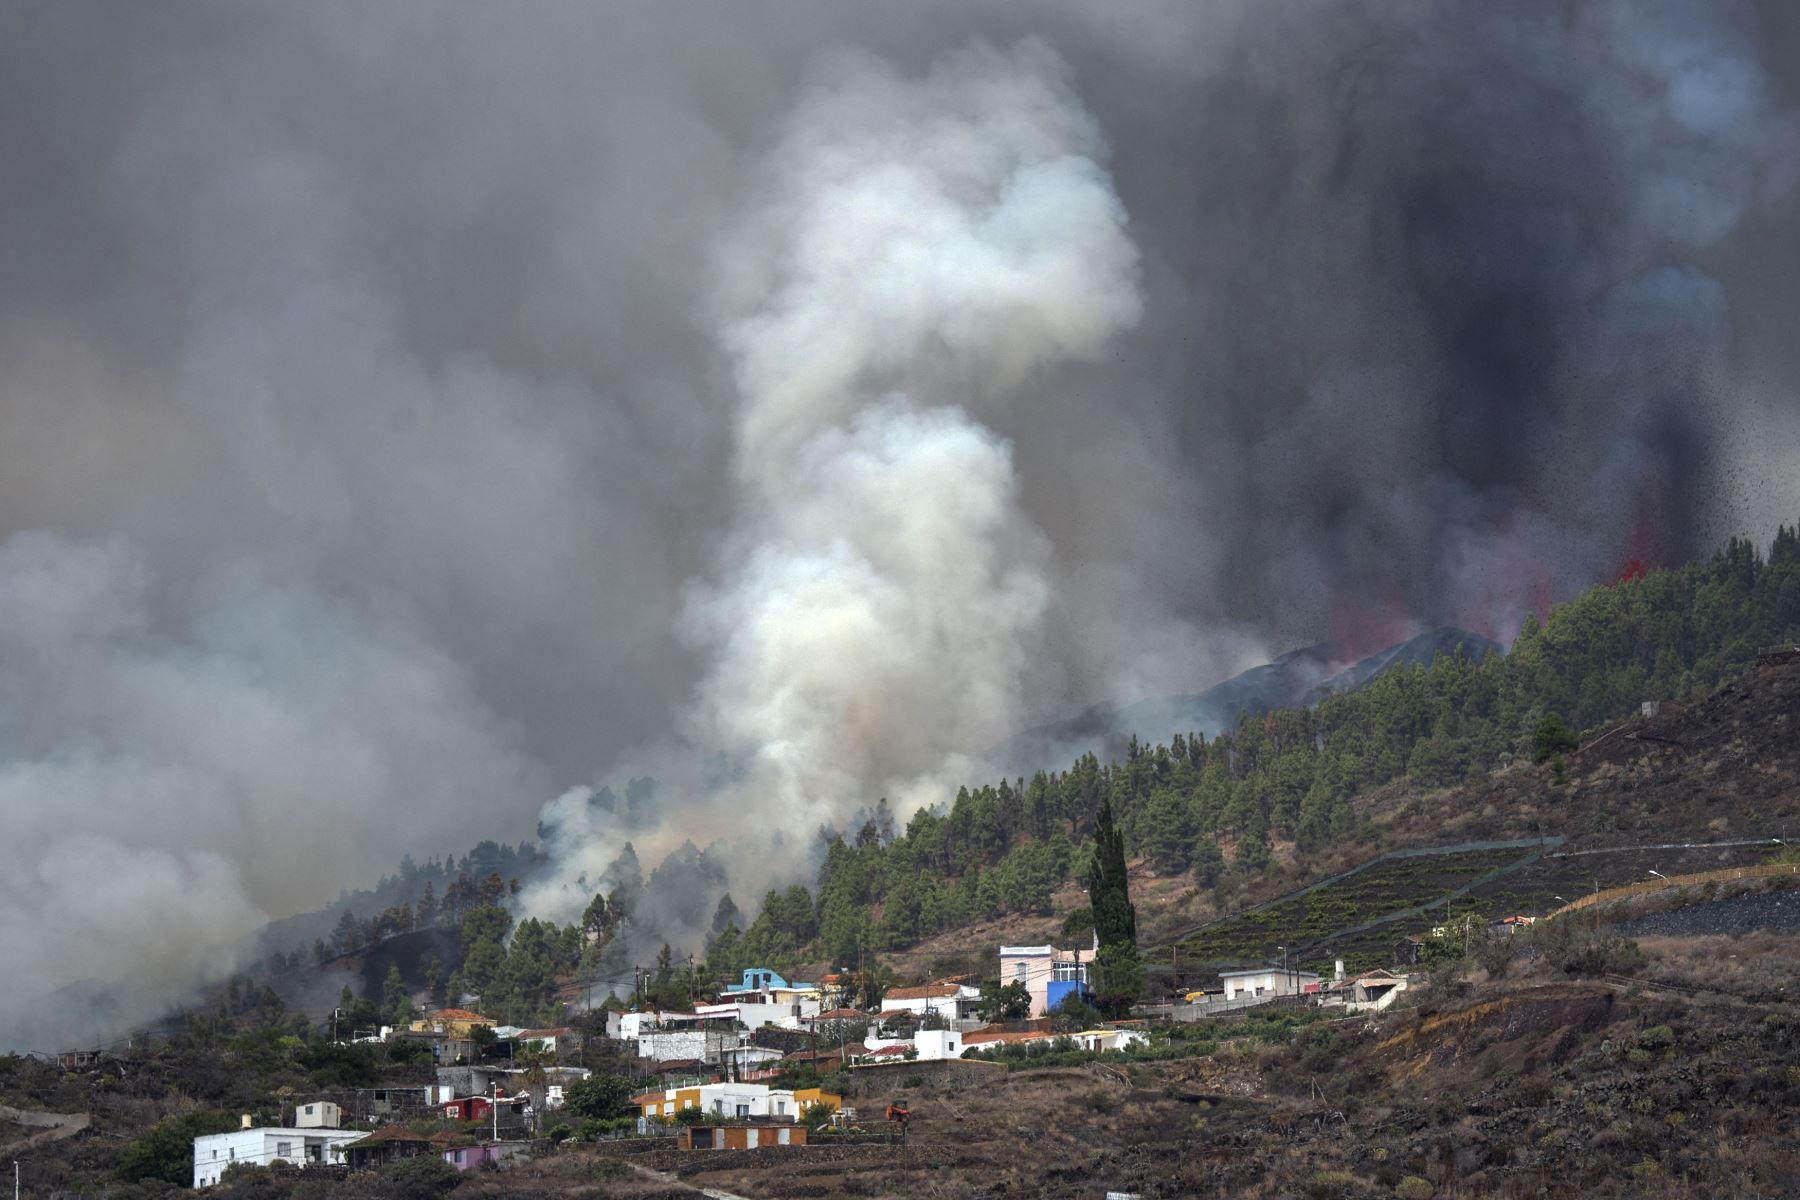 El monte Cumbre Vieja entra en erupción arrojando una columna de humo, ceniza y lava como se ve desde Los Llanos de Aridane, en la isla canaria de La Palma, España. Foto: AFP